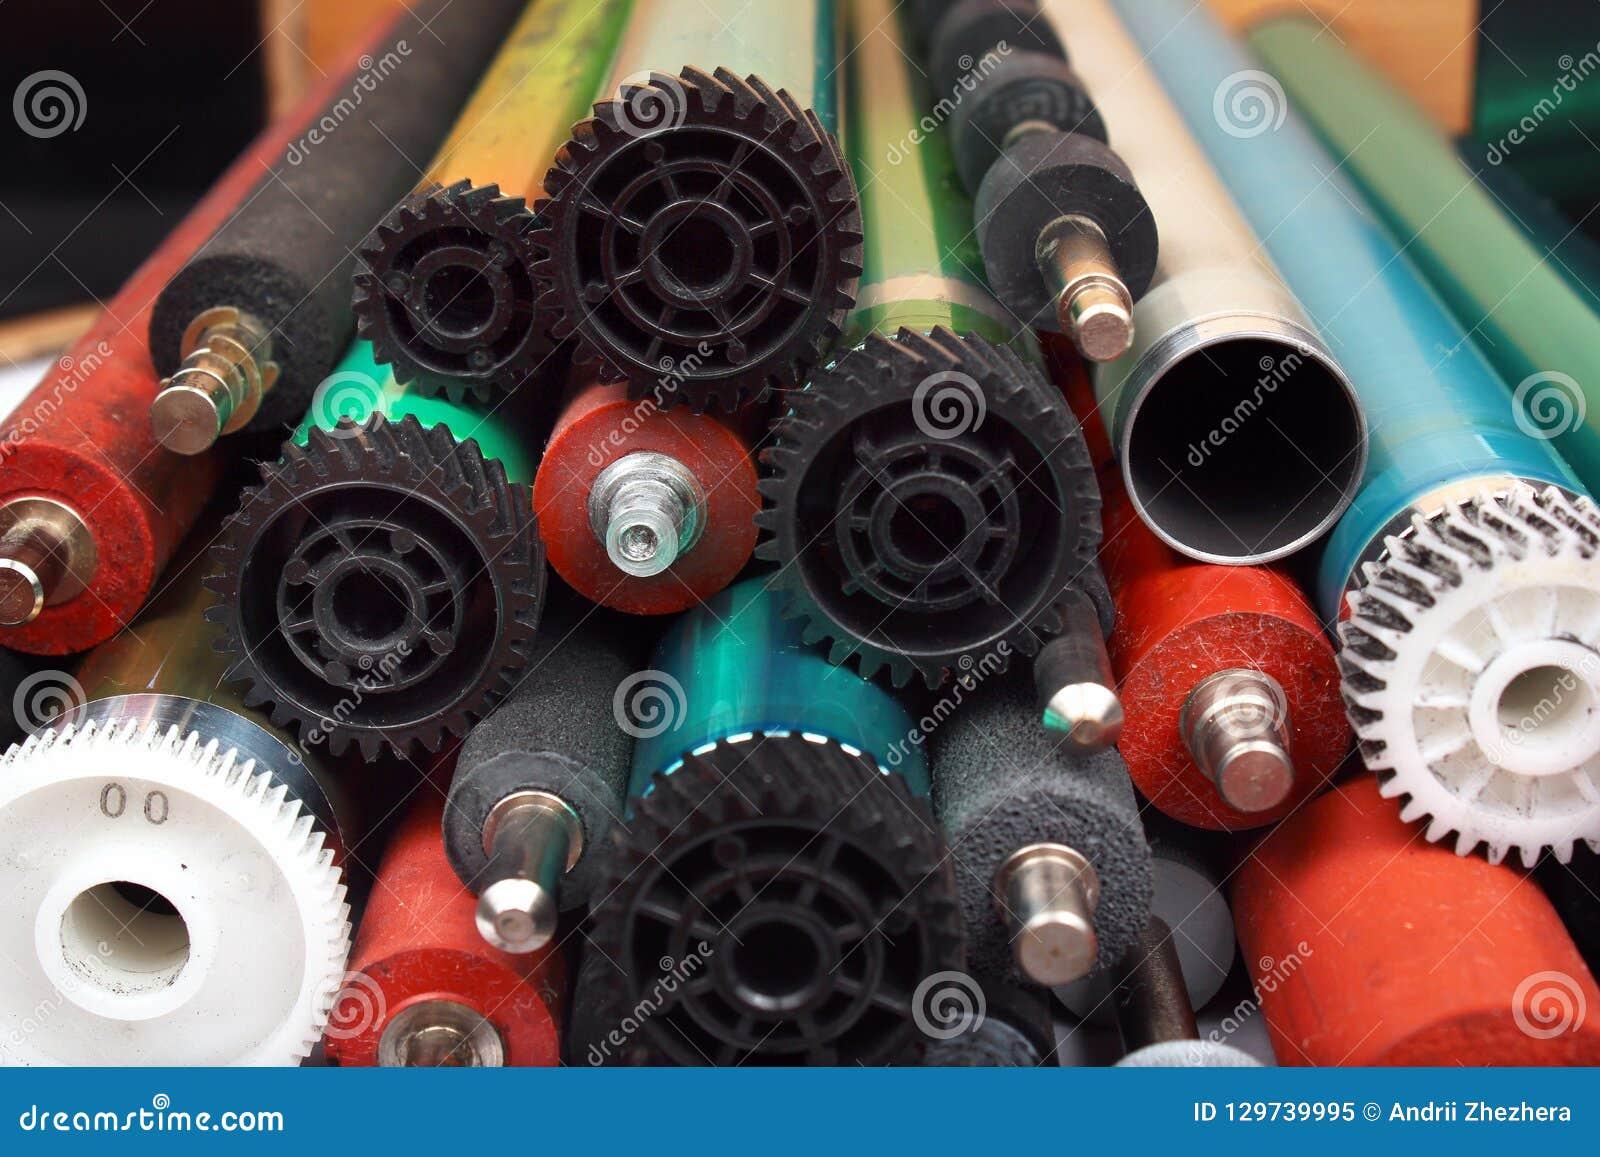 Delen van oude laserprinters Fotogevoelige trommels, rubber en metaalschachten en rollen